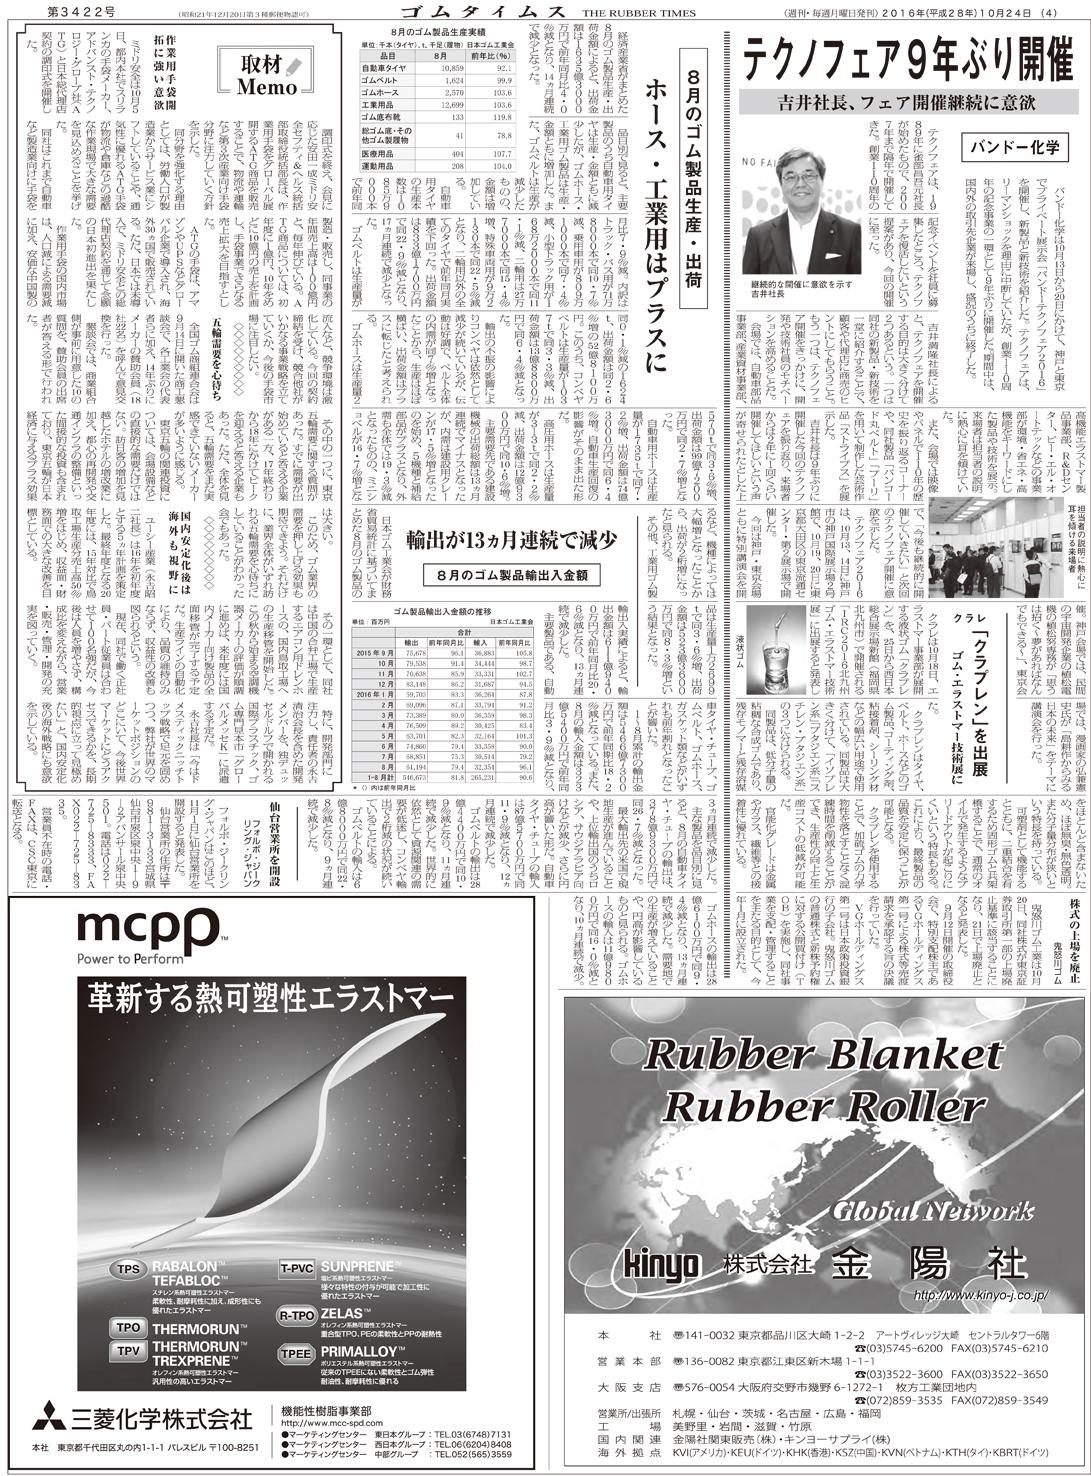 見本紙面オピニオン